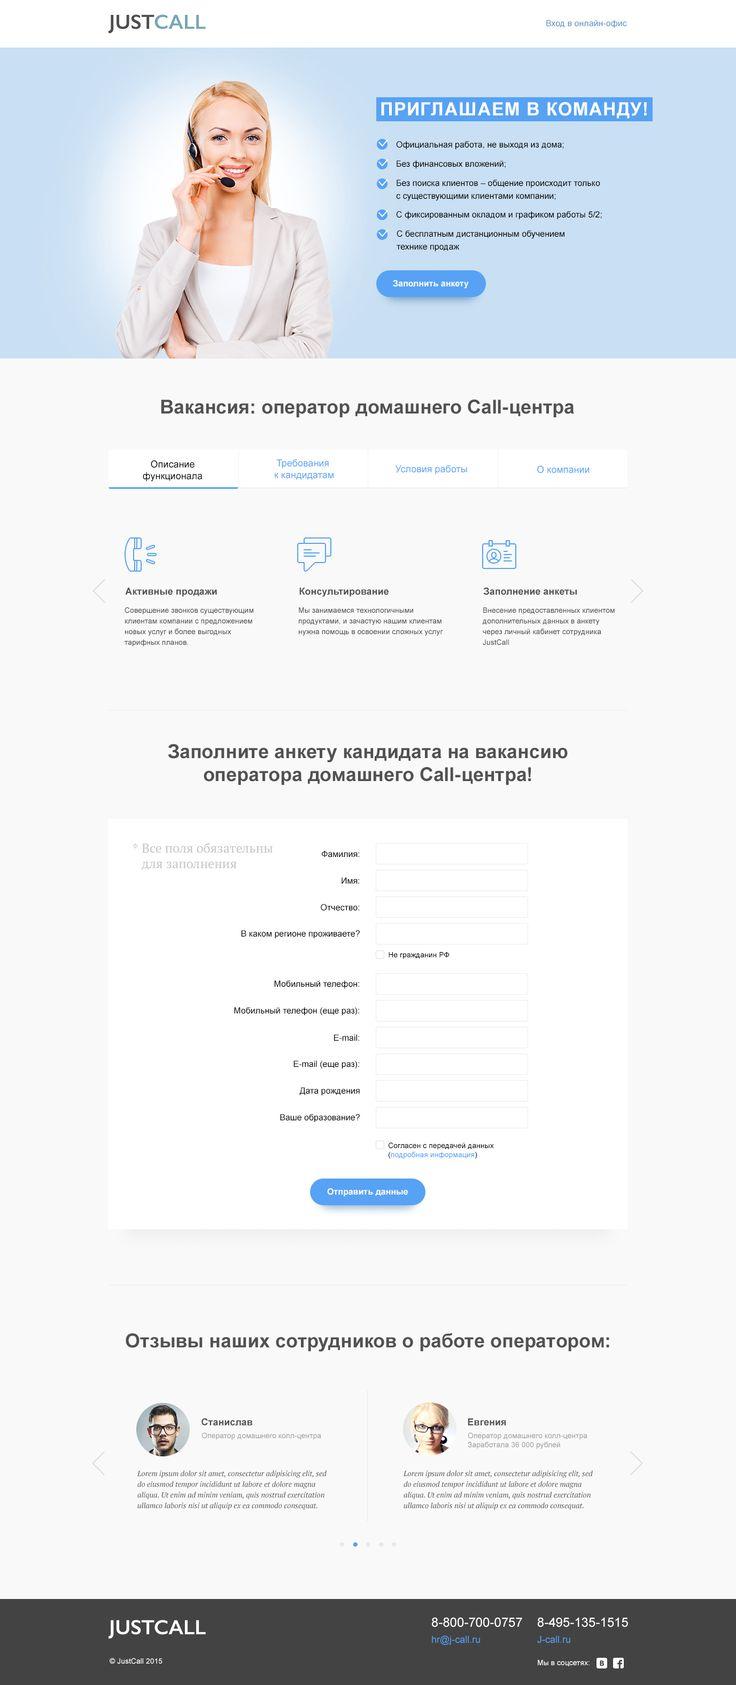 landing page, сайт, посадочная страница для компании JustCall подбор персонала Заказать подобный - http://lid.labirinth.org/ Полностью адаптивный к мобильным  http://j-call.ru  http://j-call.ru/index_ver2.html  http://j-call.ru/index_ver3.html